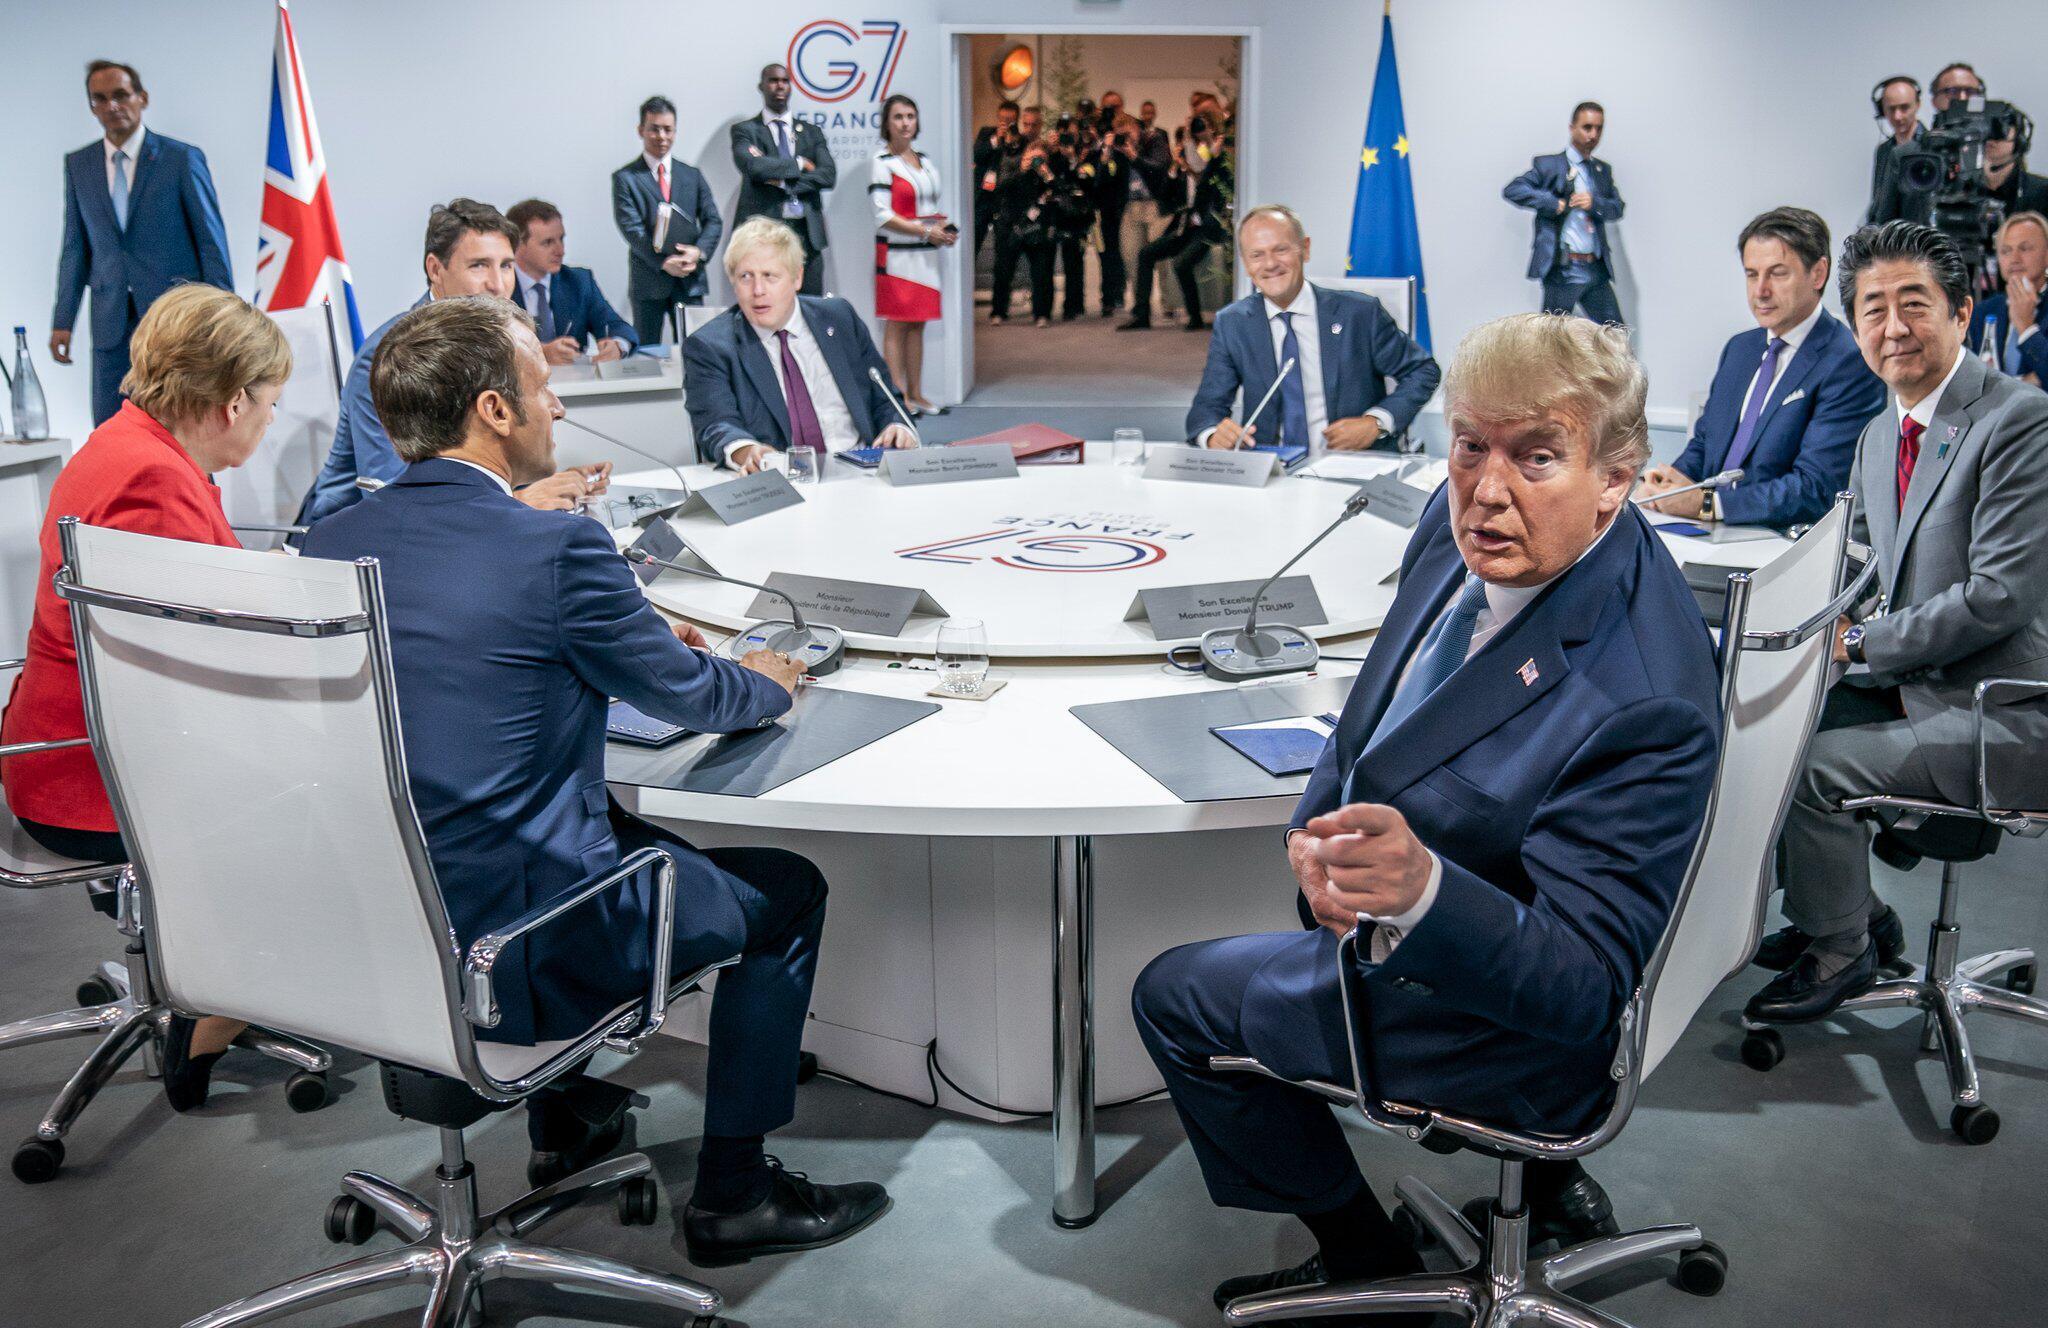 Bild zu G7-Gipfel in Frankreich